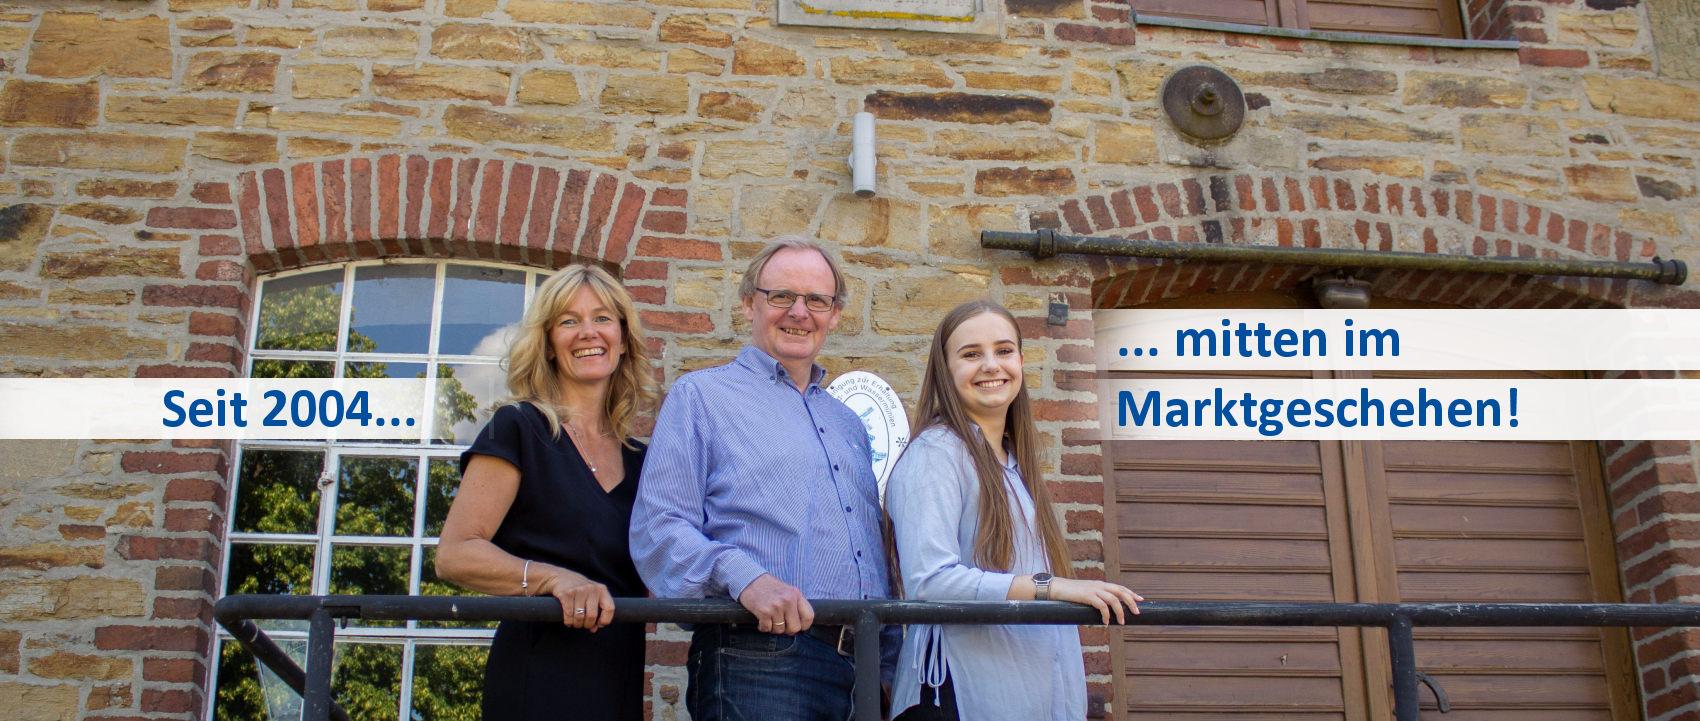 Das Team von Klenke Immobilien in Belm bei Osnabrück besteht aus drei qualifizierten MitarbeiterInnen.